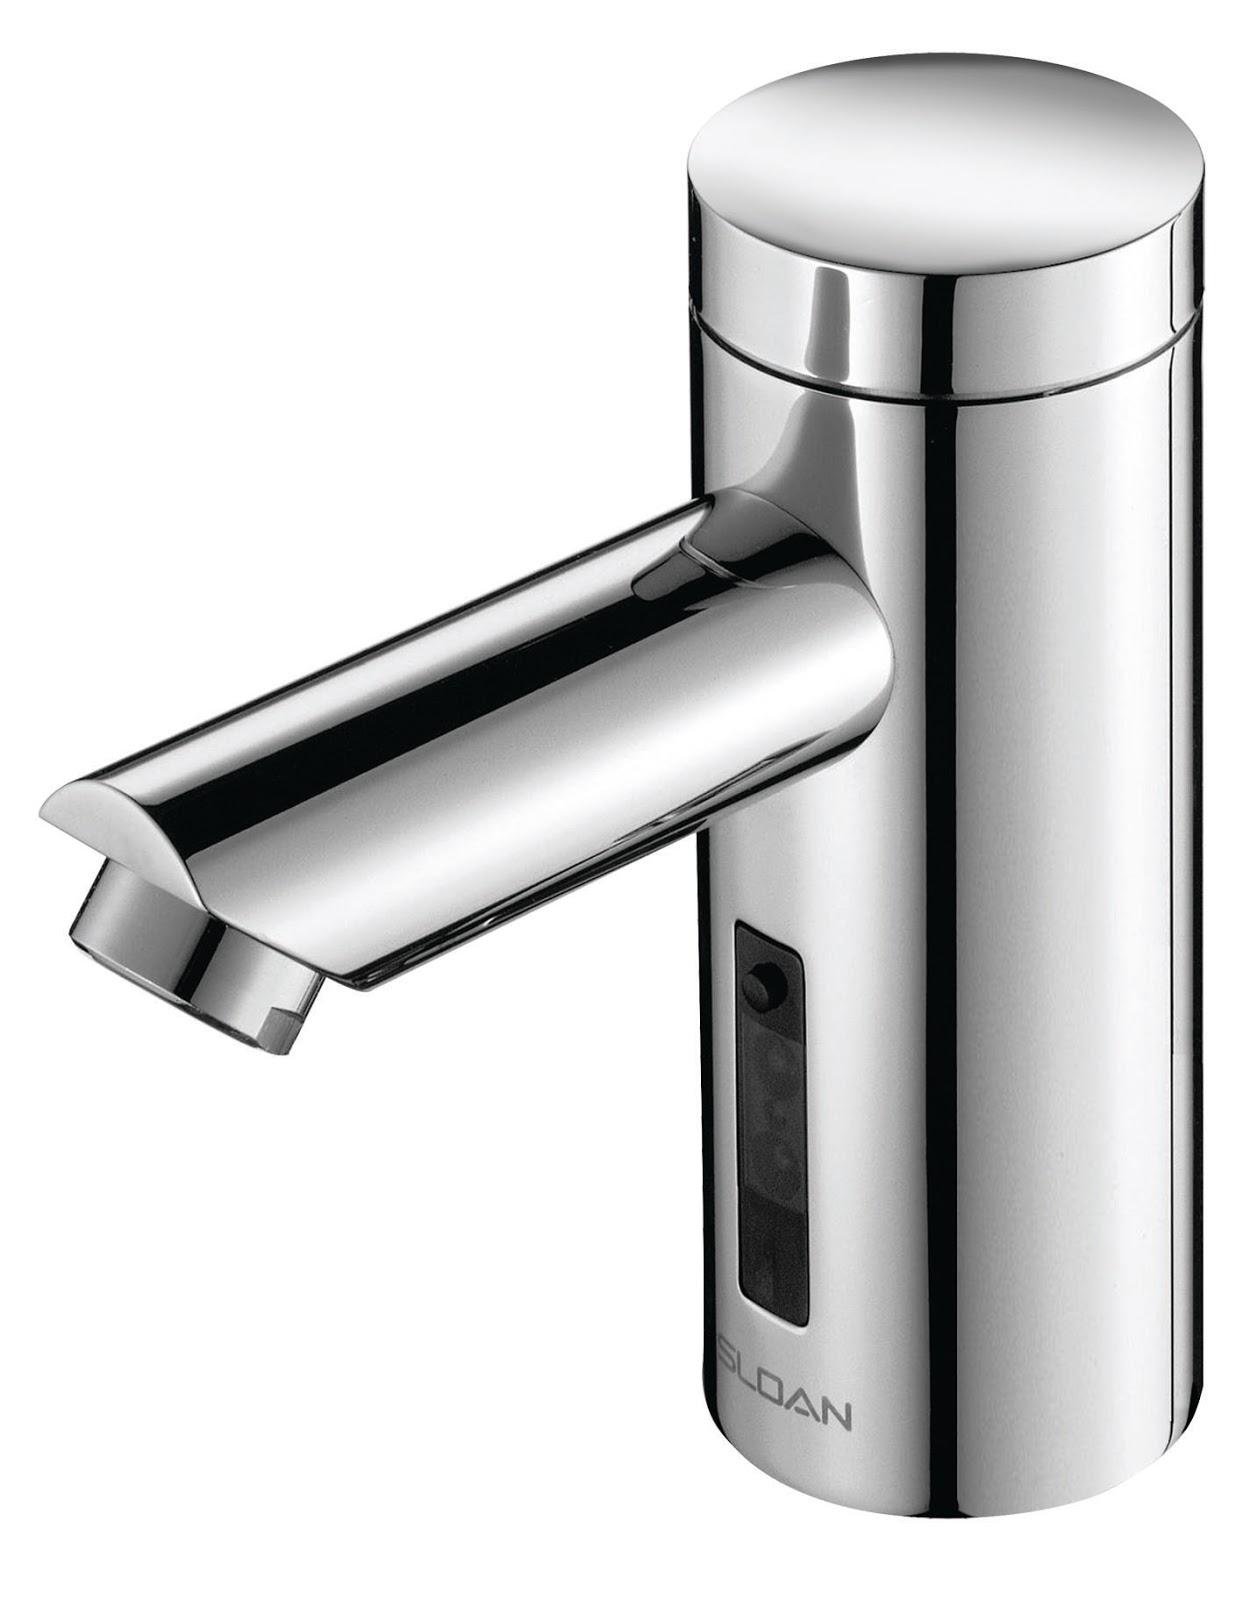 Griferias para ba os f v for Llaves modernas para lavamanos